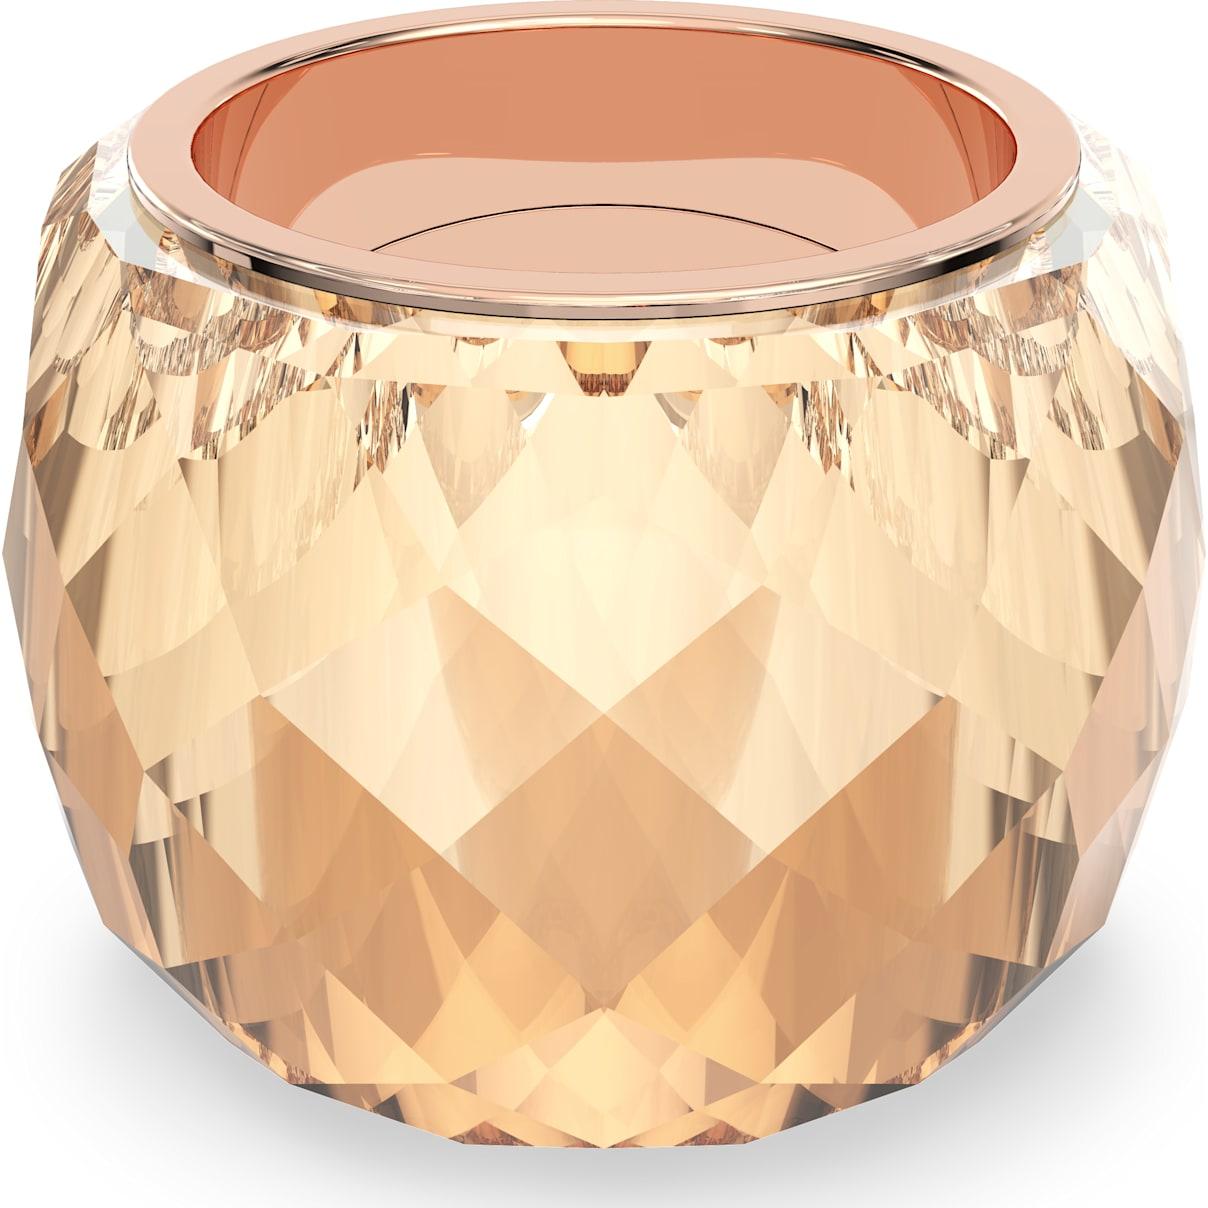 Swarovski Swarovski Nirvana Ring, Brown, Rose-gold tone PVD